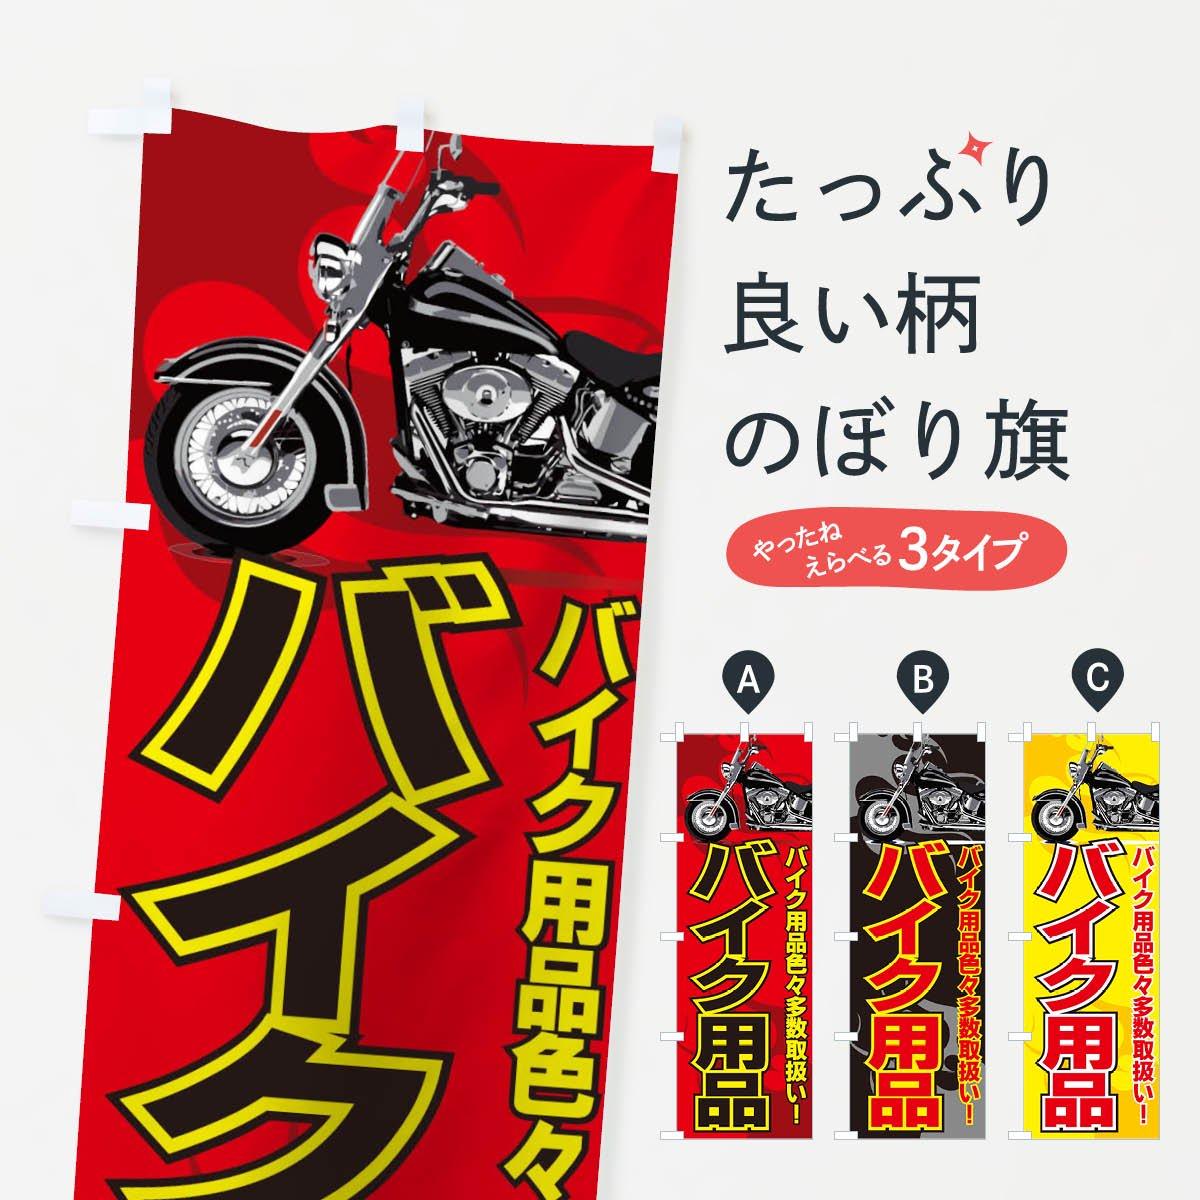 バイク用品のぼり旗 バイク用品色々多数取り扱い!